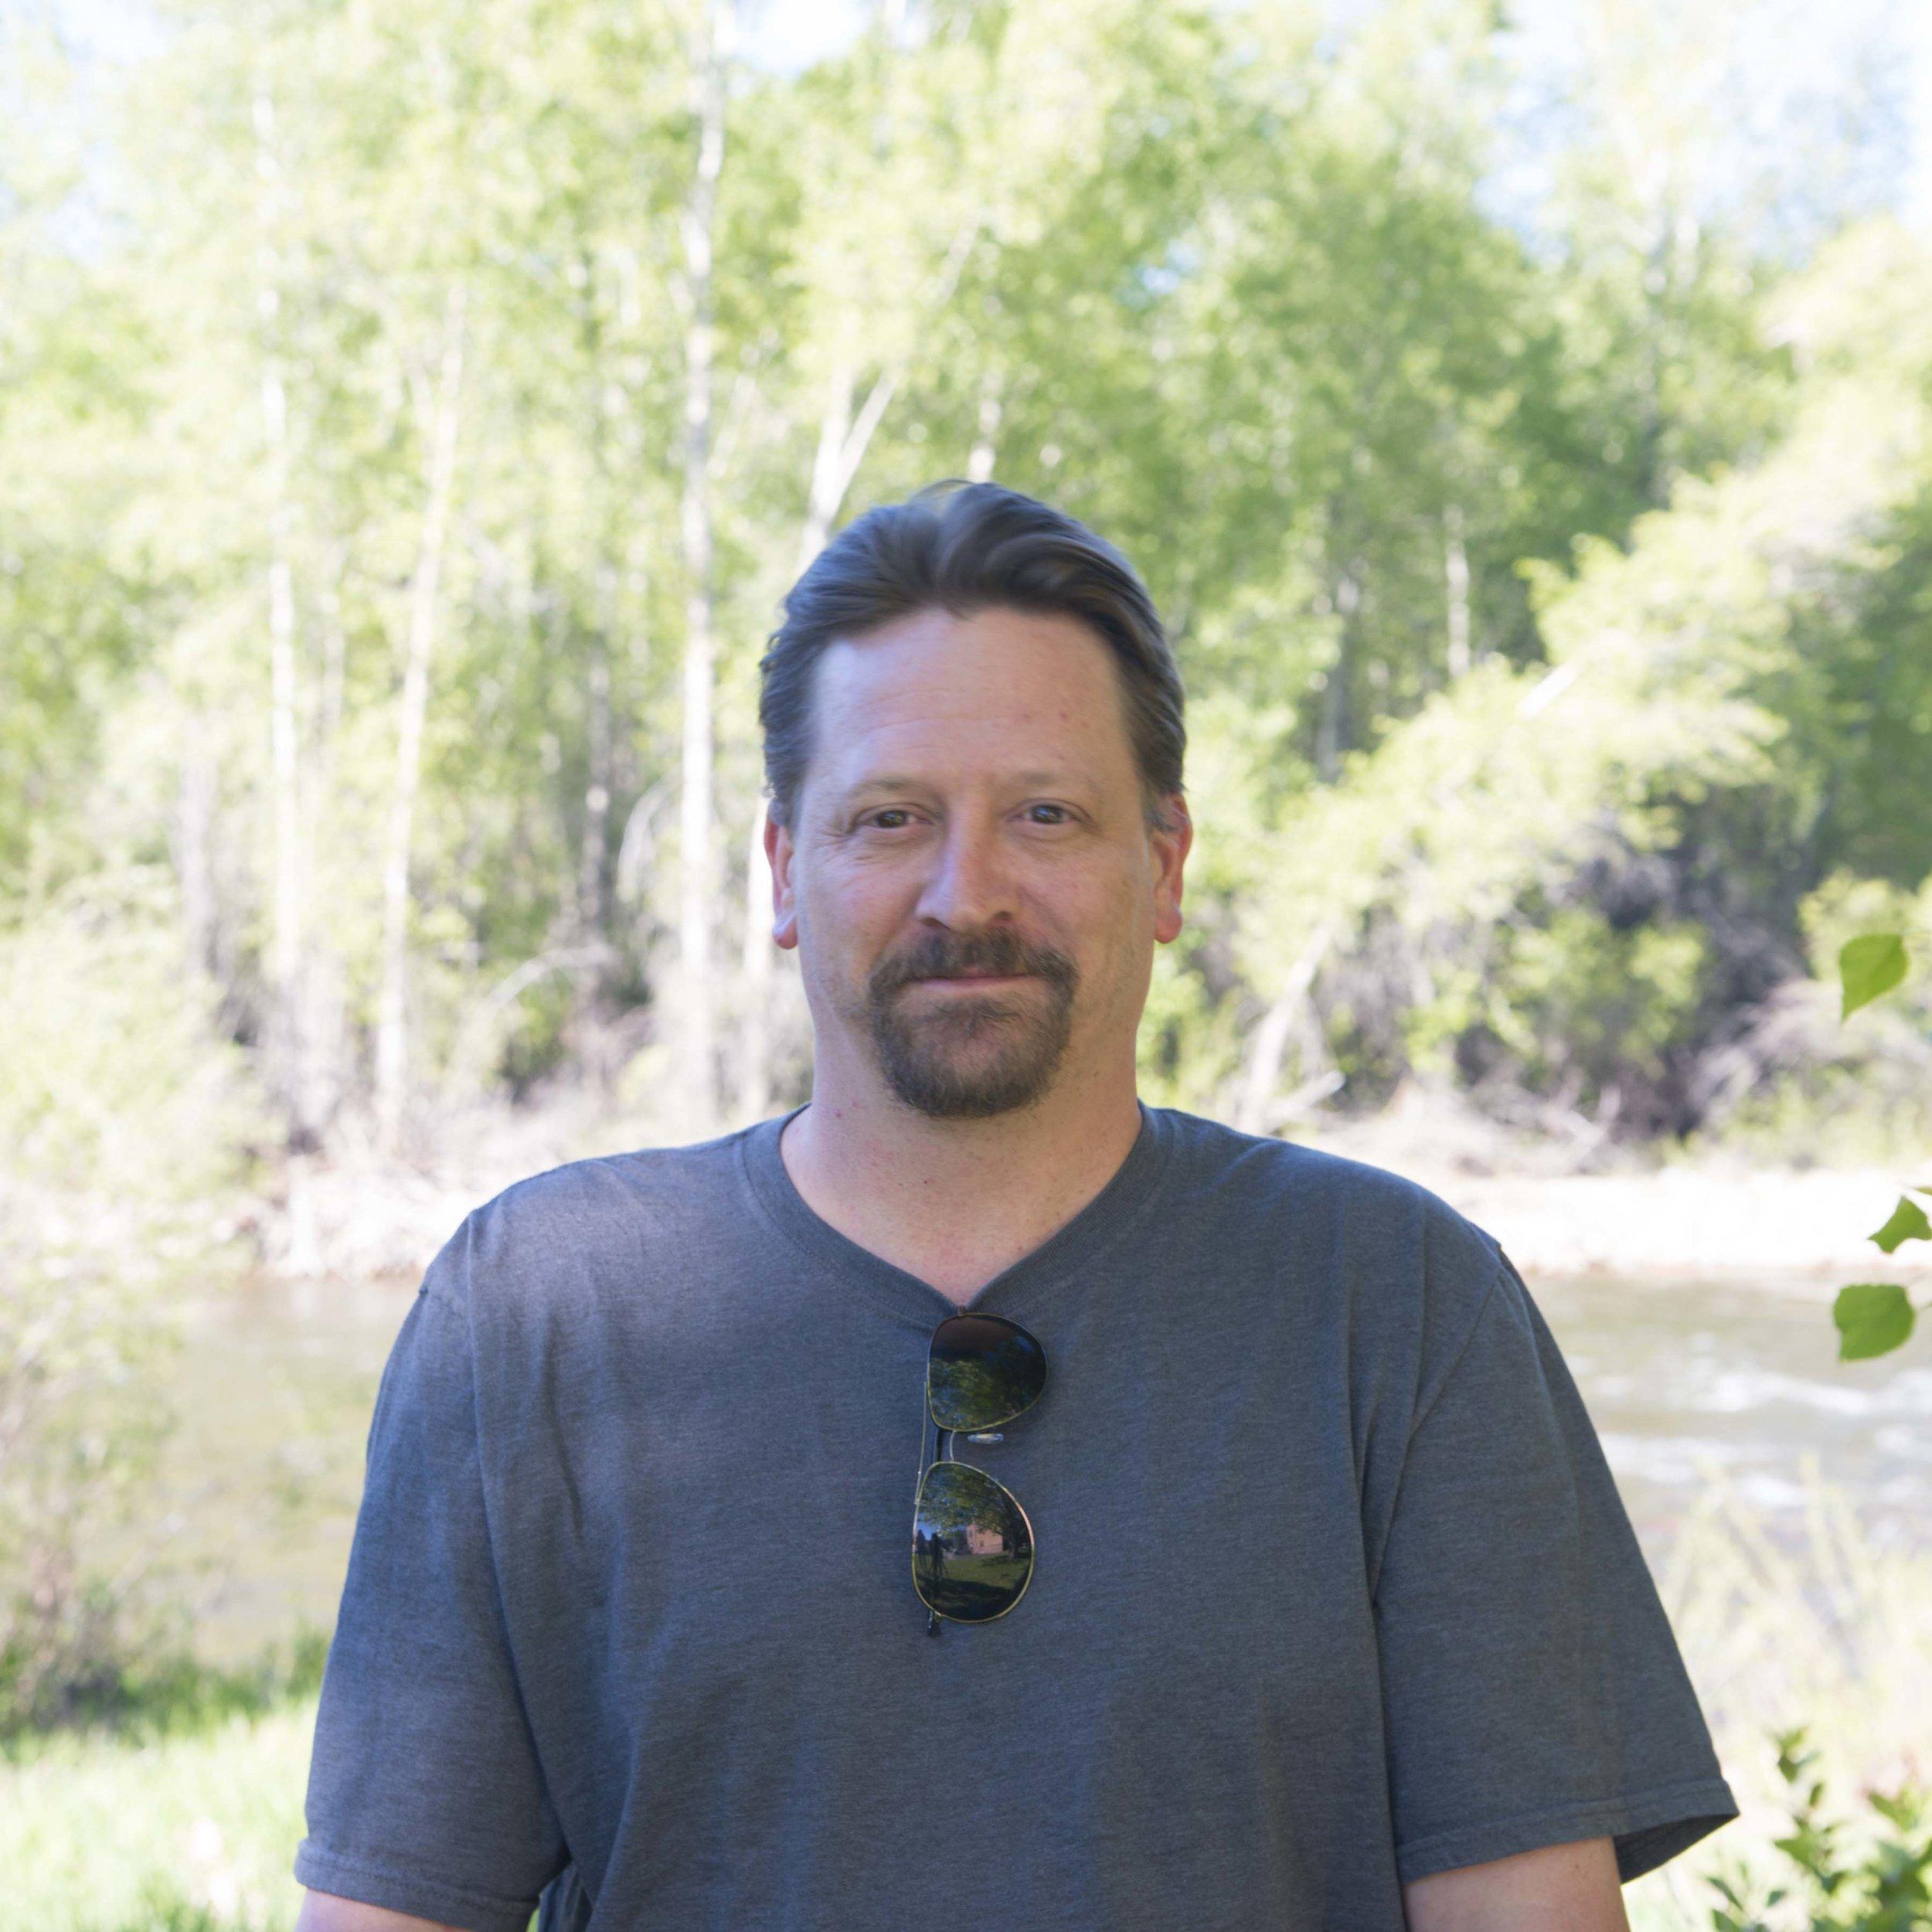 Andrew Chaloupka